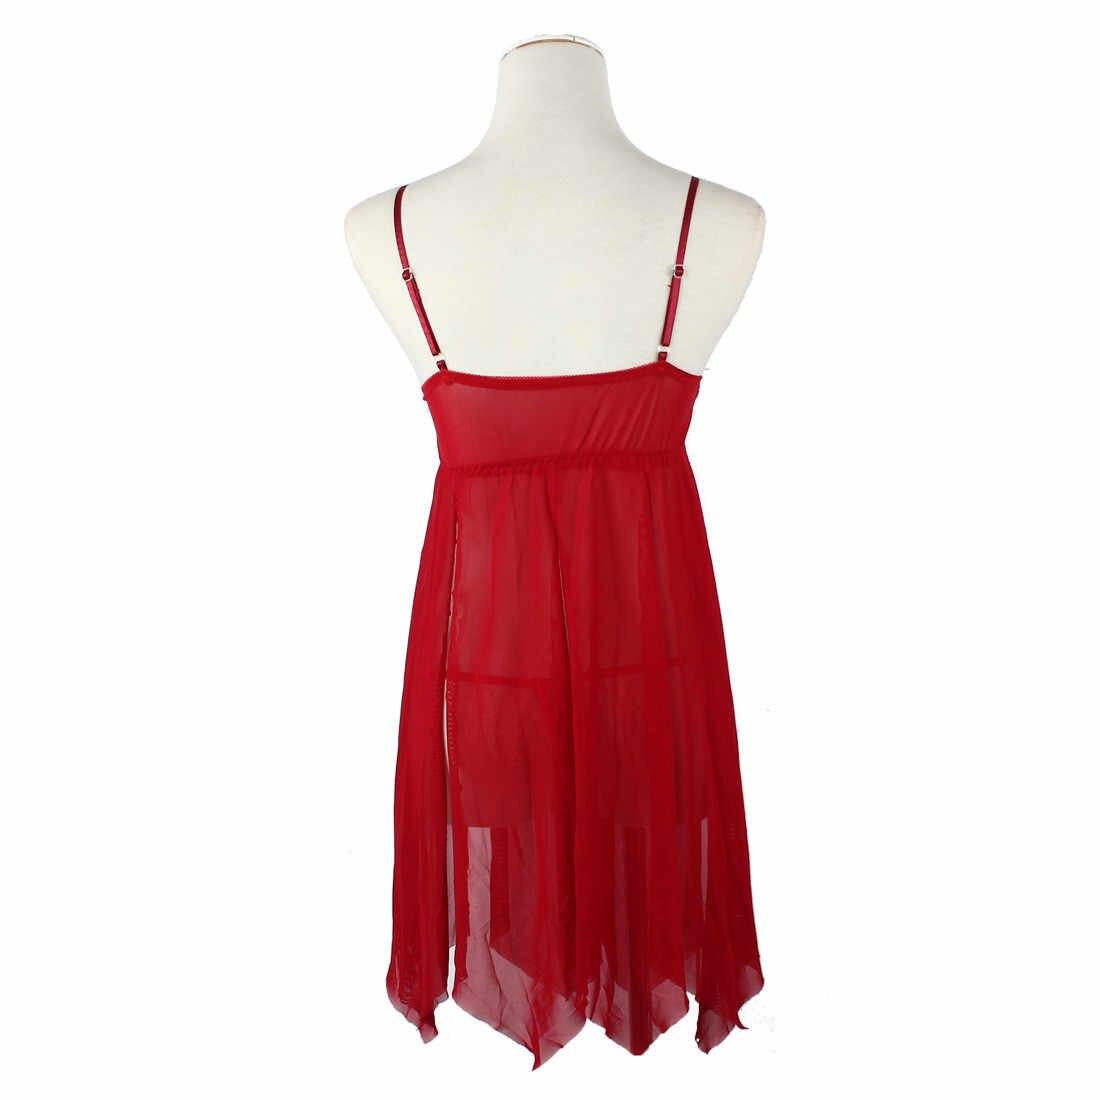 bac82cfb44 ... Popular ropa interior Sexy ropa interior ropa de dormir encaje vestido  G-string Nightwear Lingerie ...